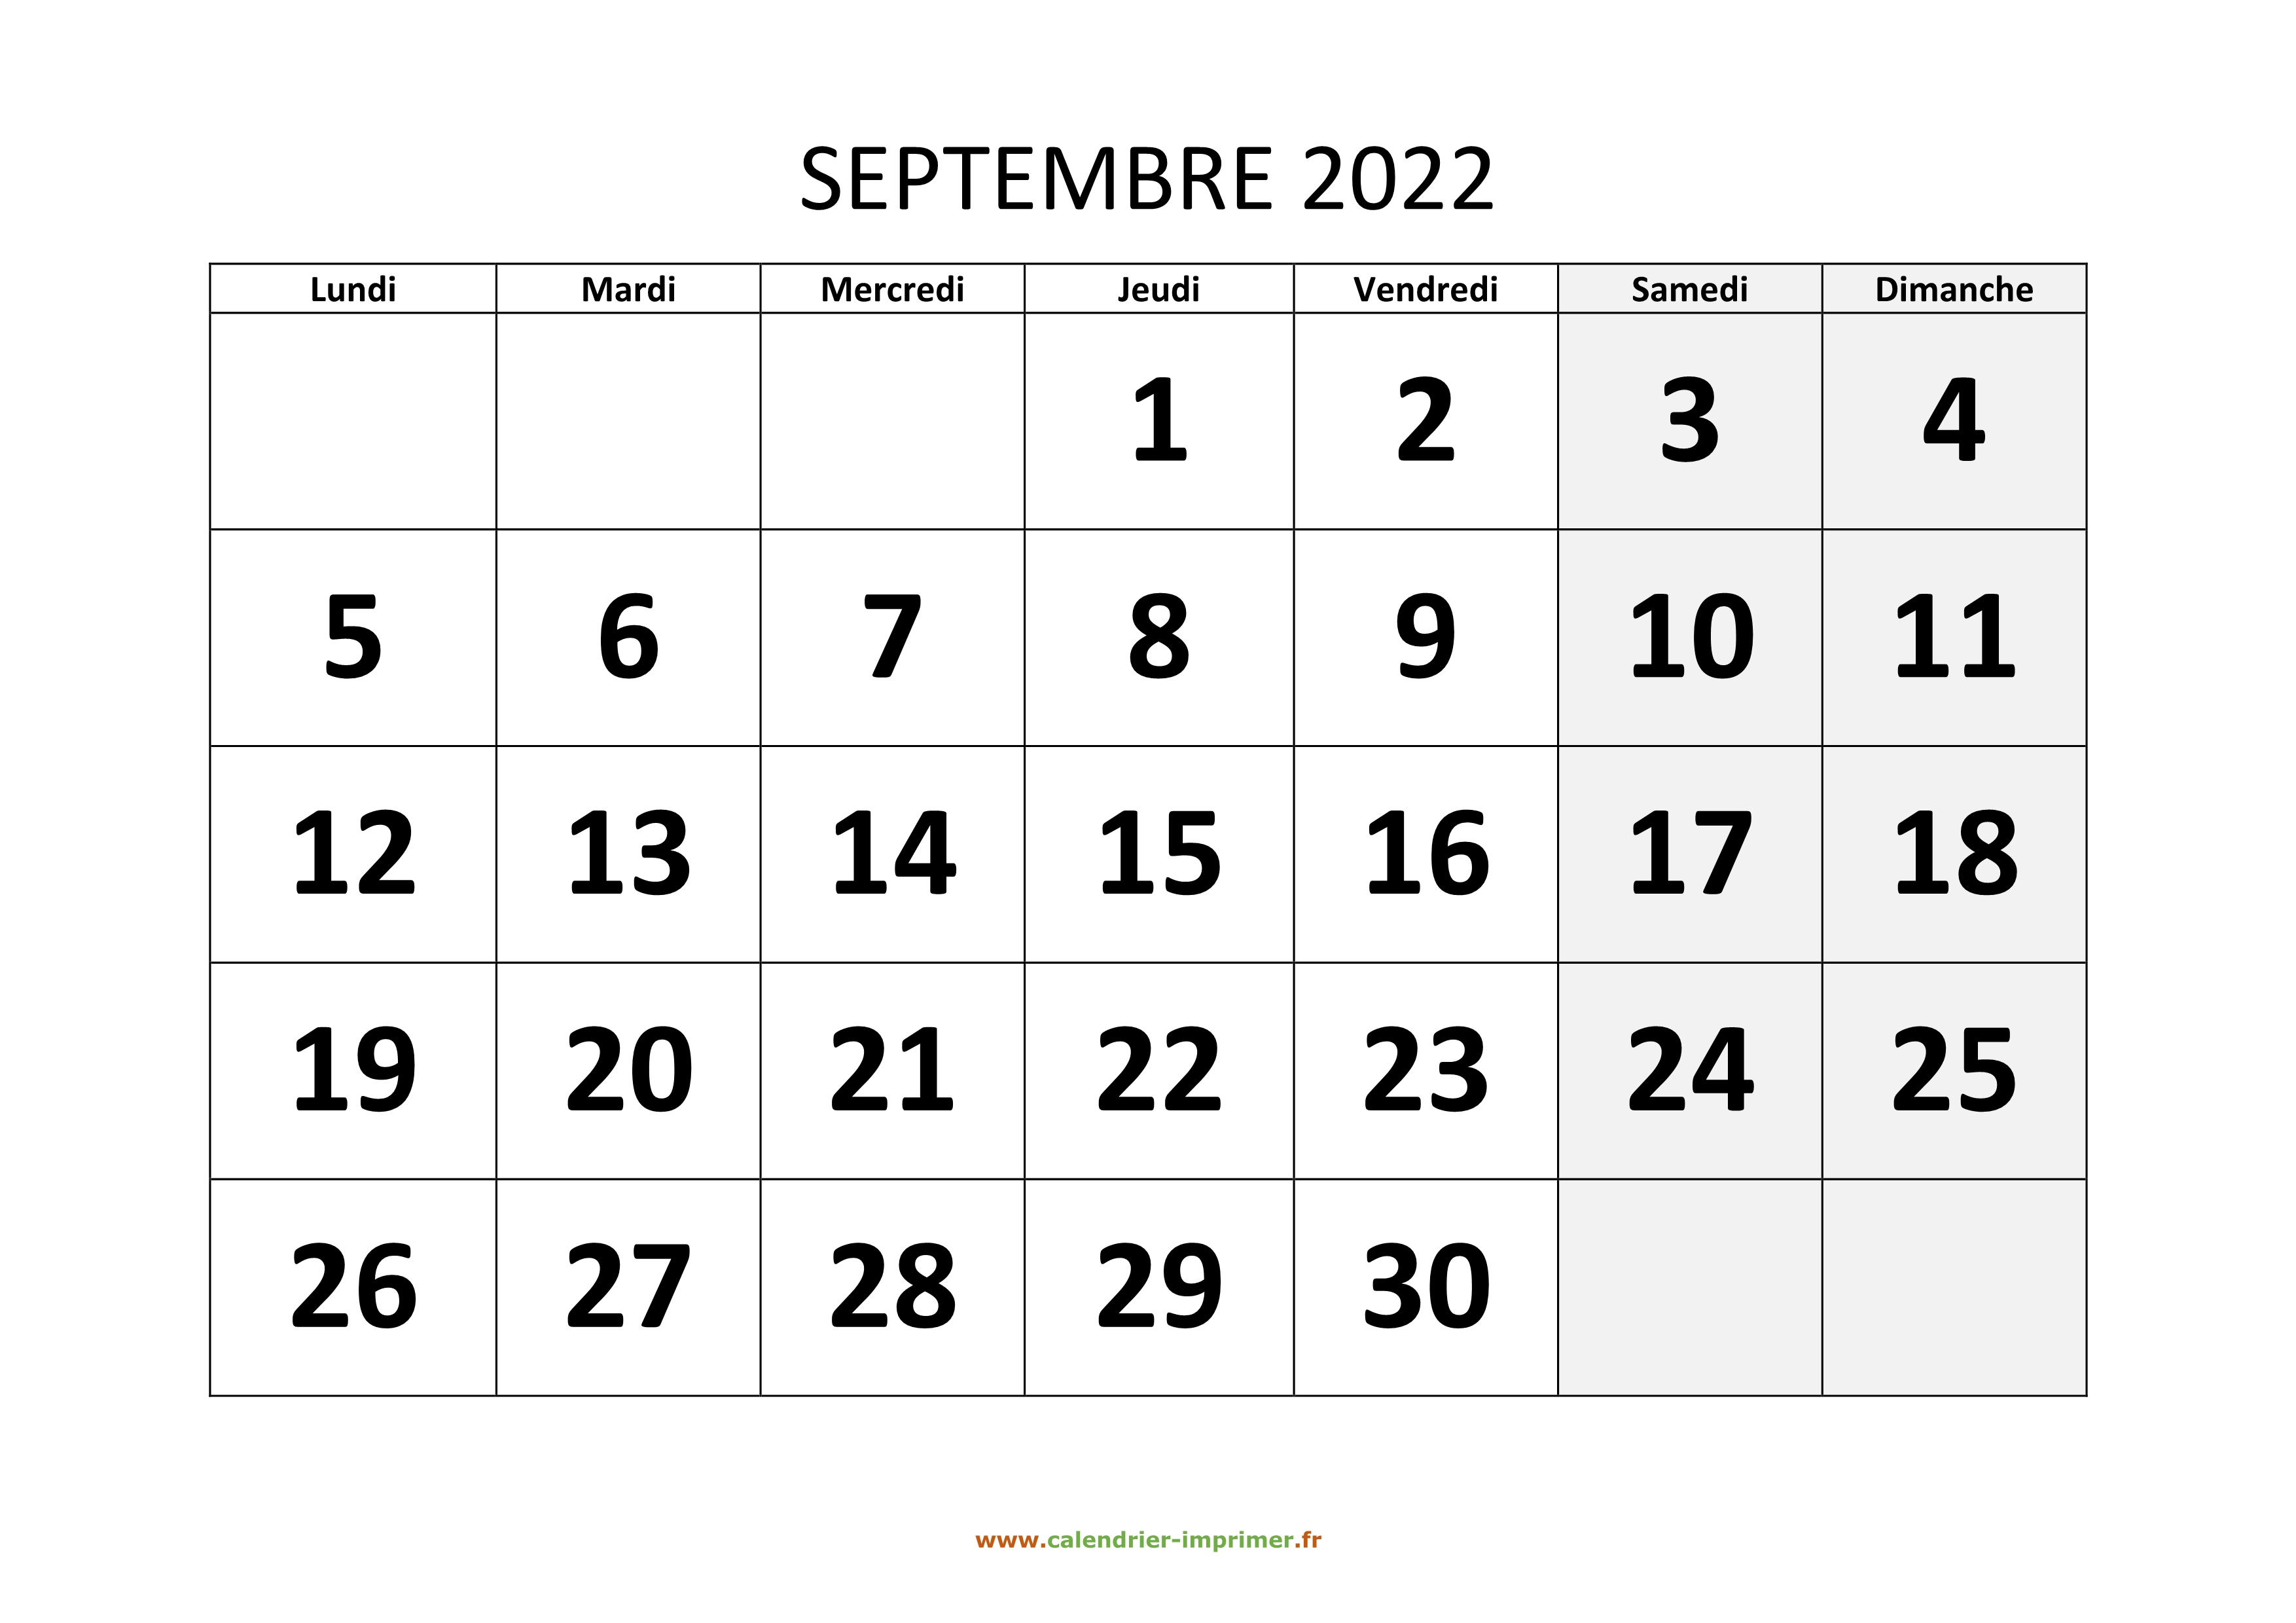 Calendrier Aout Septembre 2022 Calendrier Septembre 2022 à imprimer